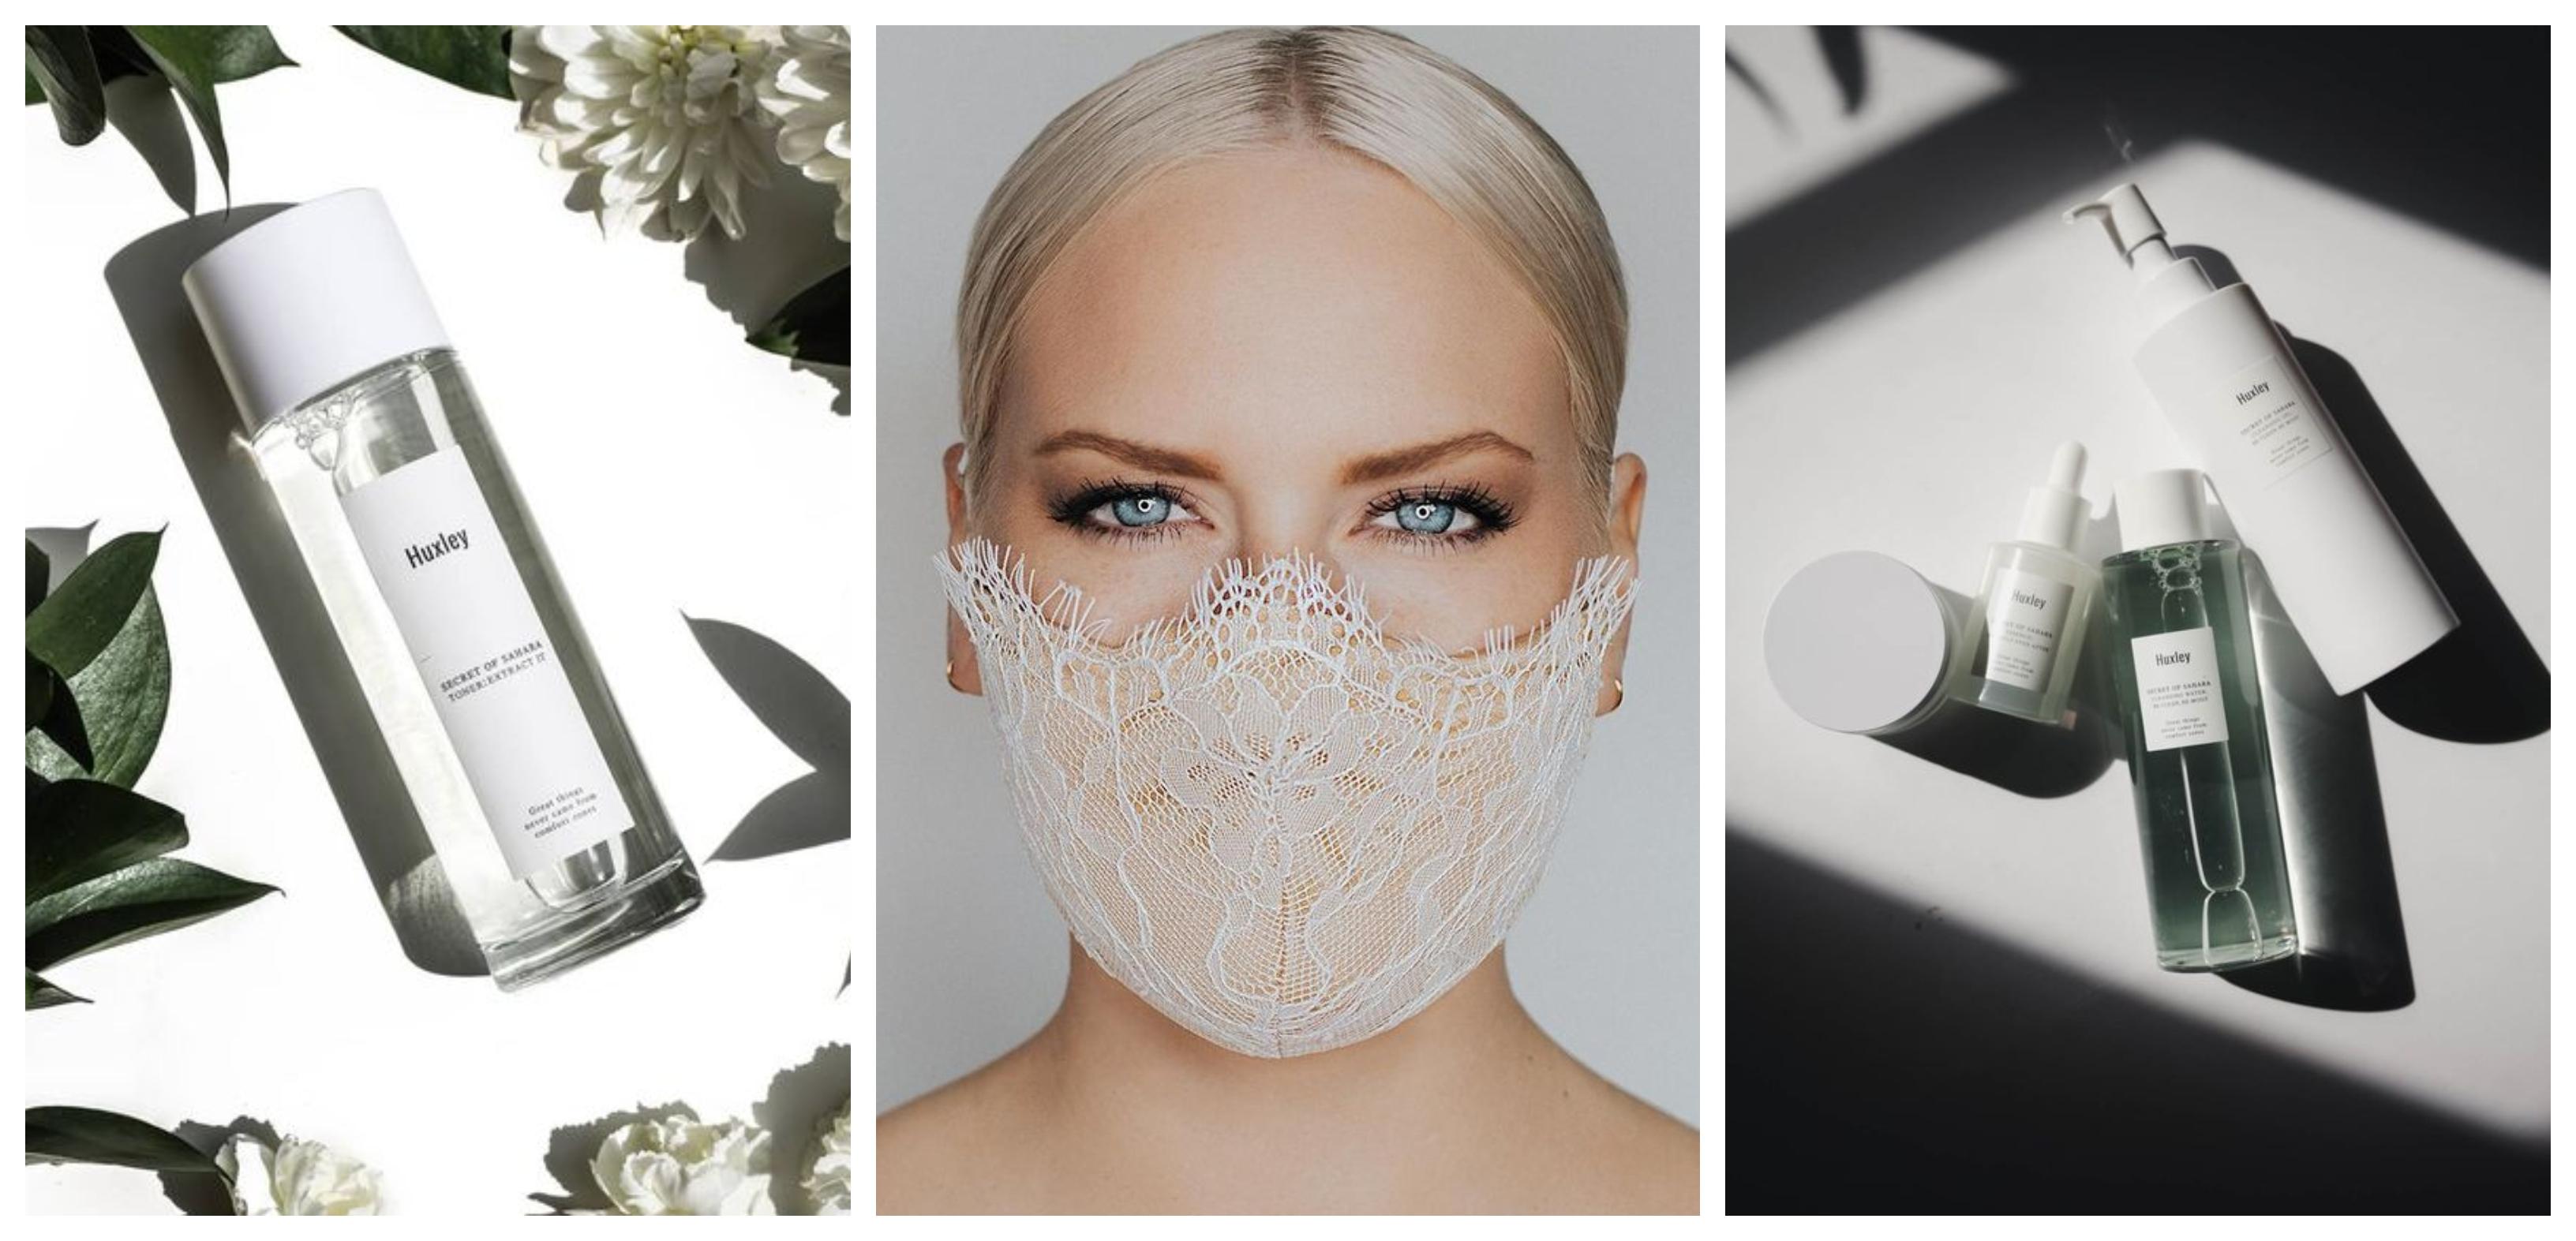 O piele sănătoasă sub masca de protecție